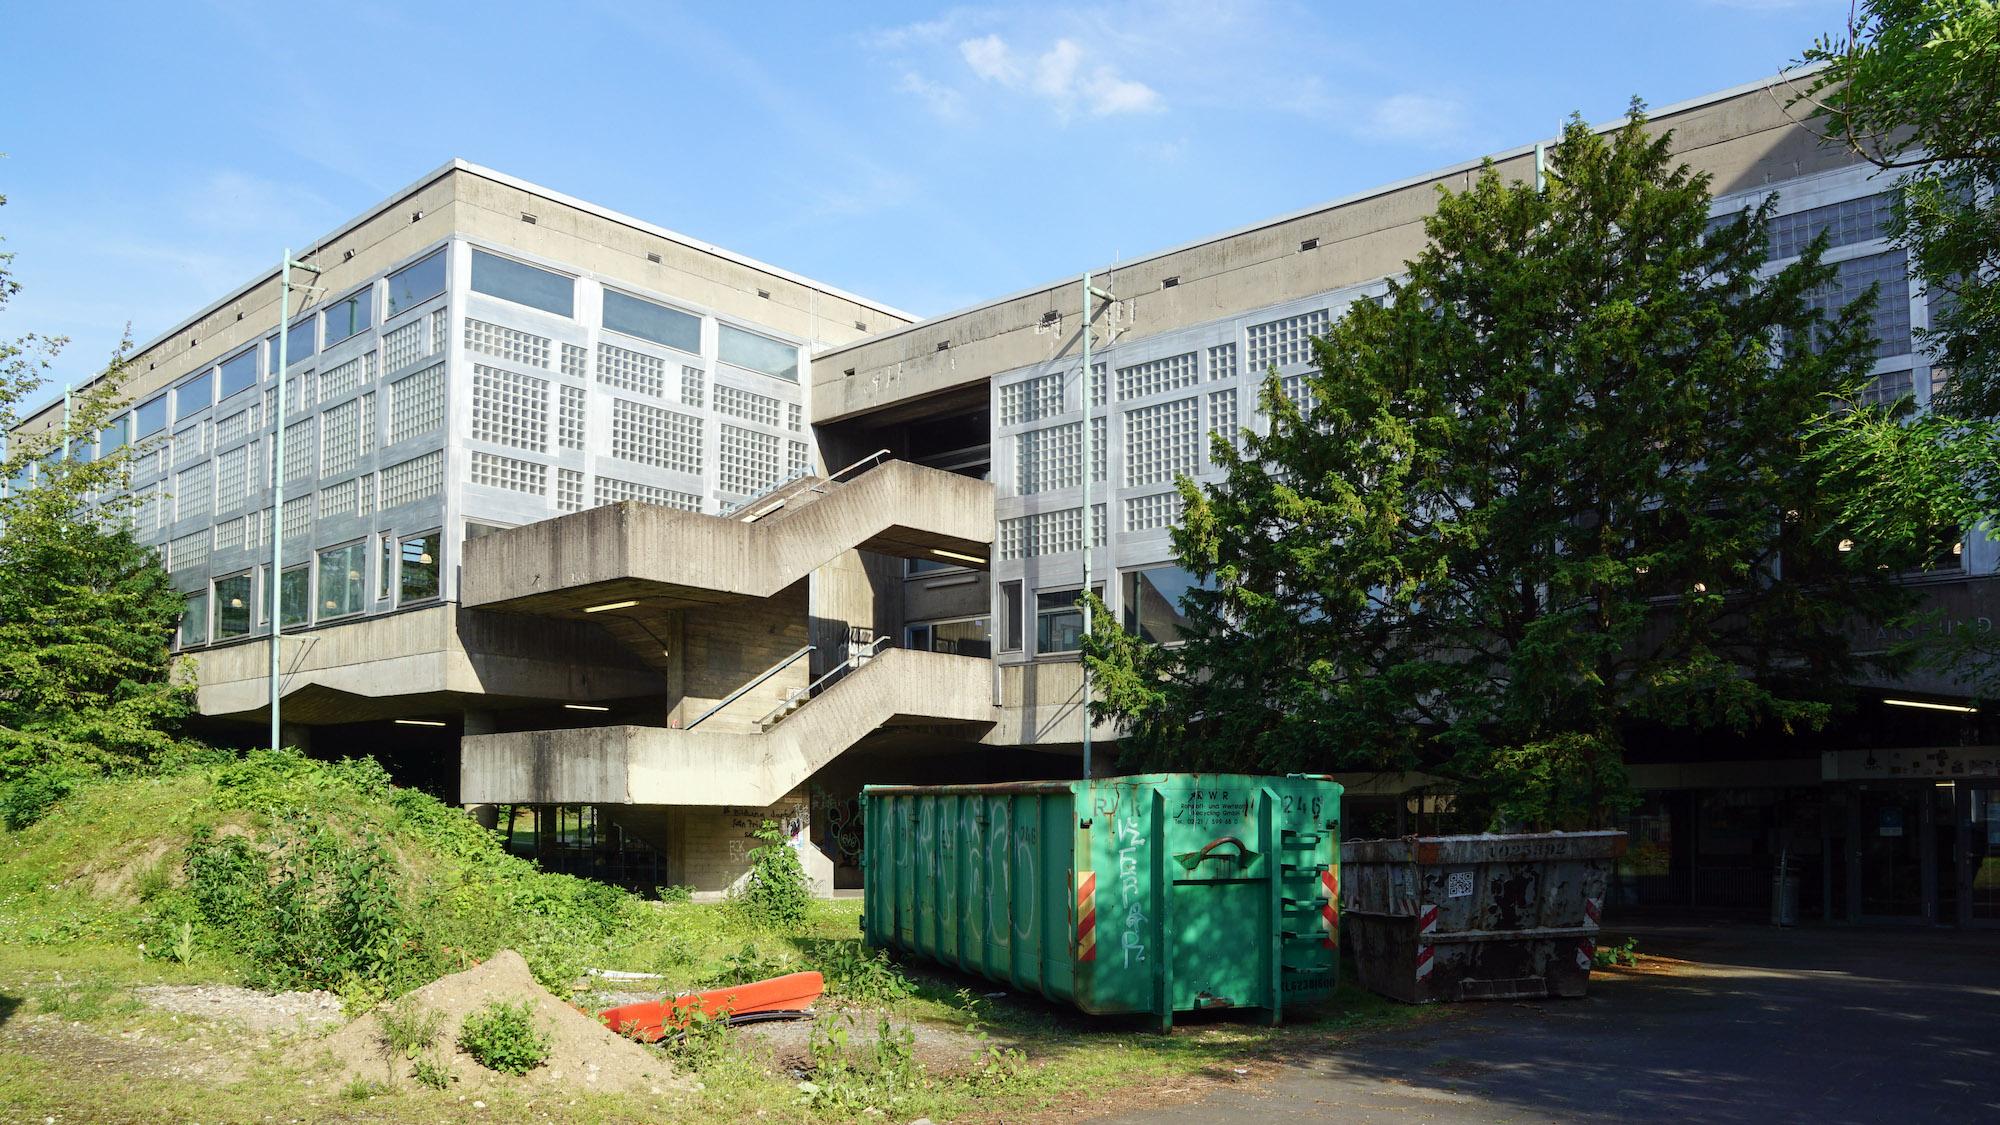 Bibliotheksgebäude aus Beton und großen Fensterfronten, im Vordergrund eine wuchtige Außentreppe, Baucontainer und andere Baumaterialien.